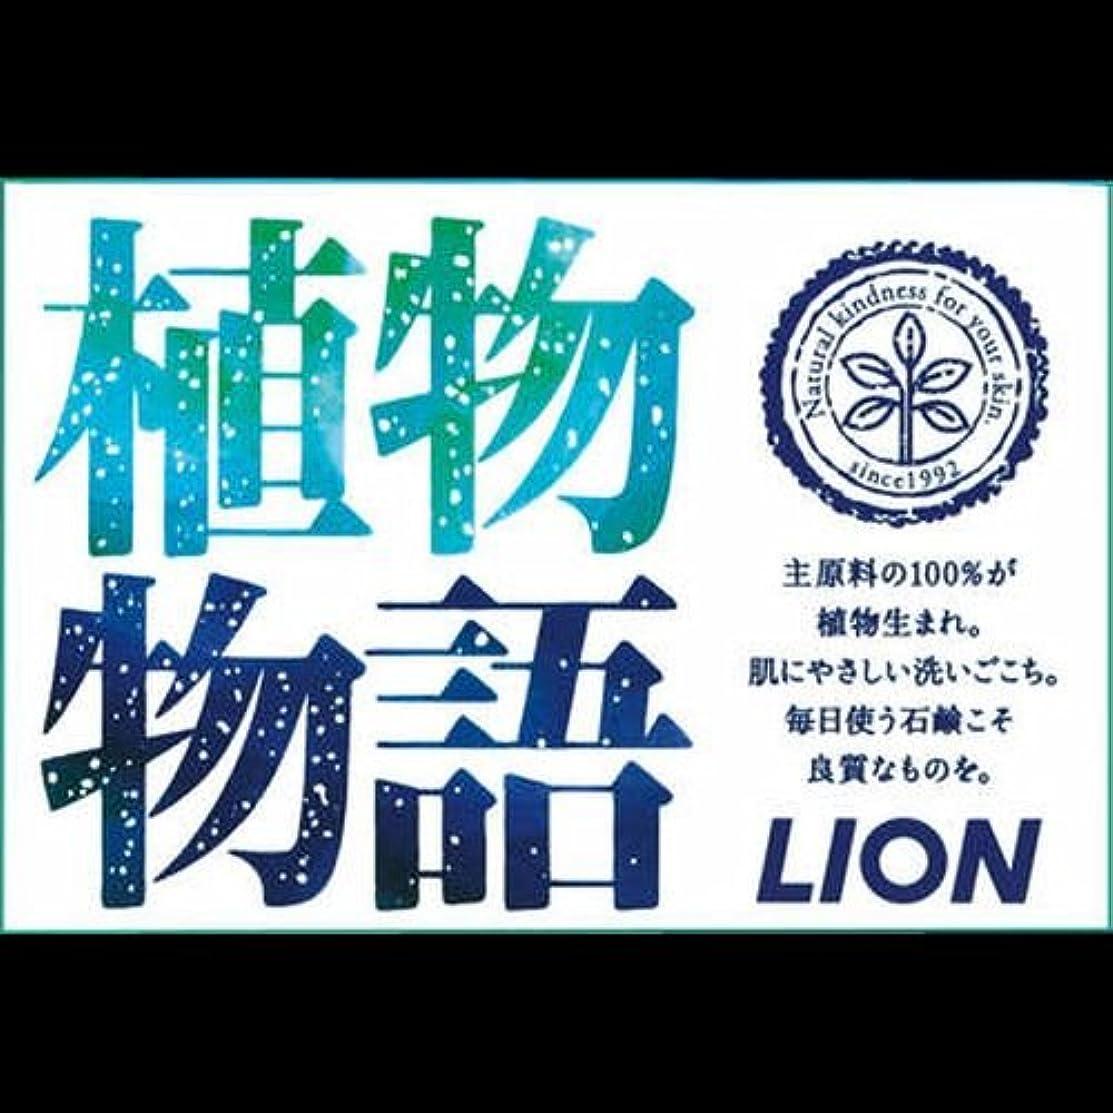 ベスビオ山できるあなたはライオン 植物物語 化粧石鹸 90g×1個入 ×2セット